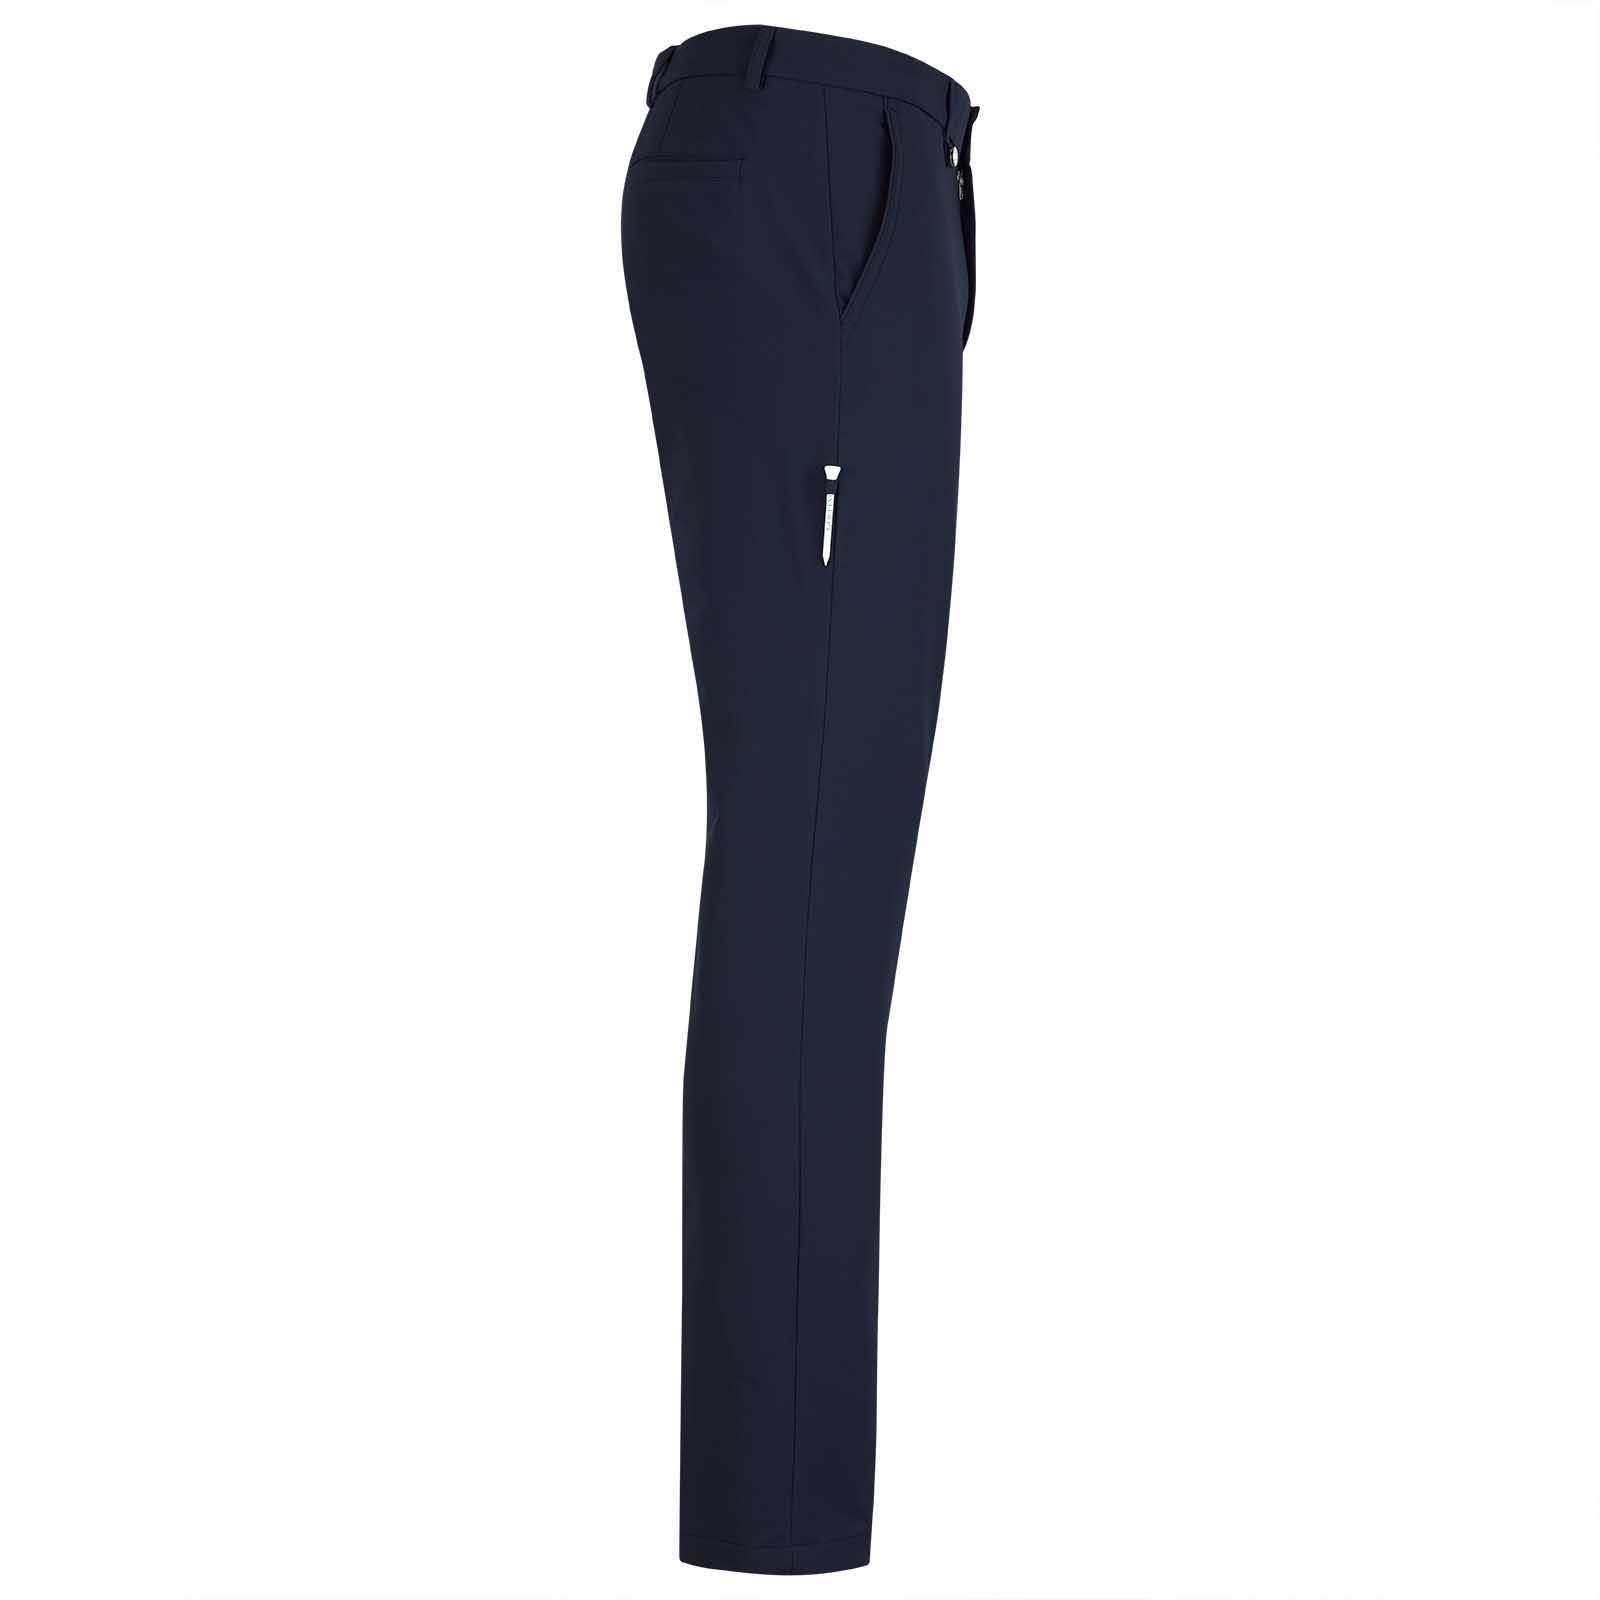 Sportliche Herren Thermo Golfhose mit 4-Way-Stretch Funktion